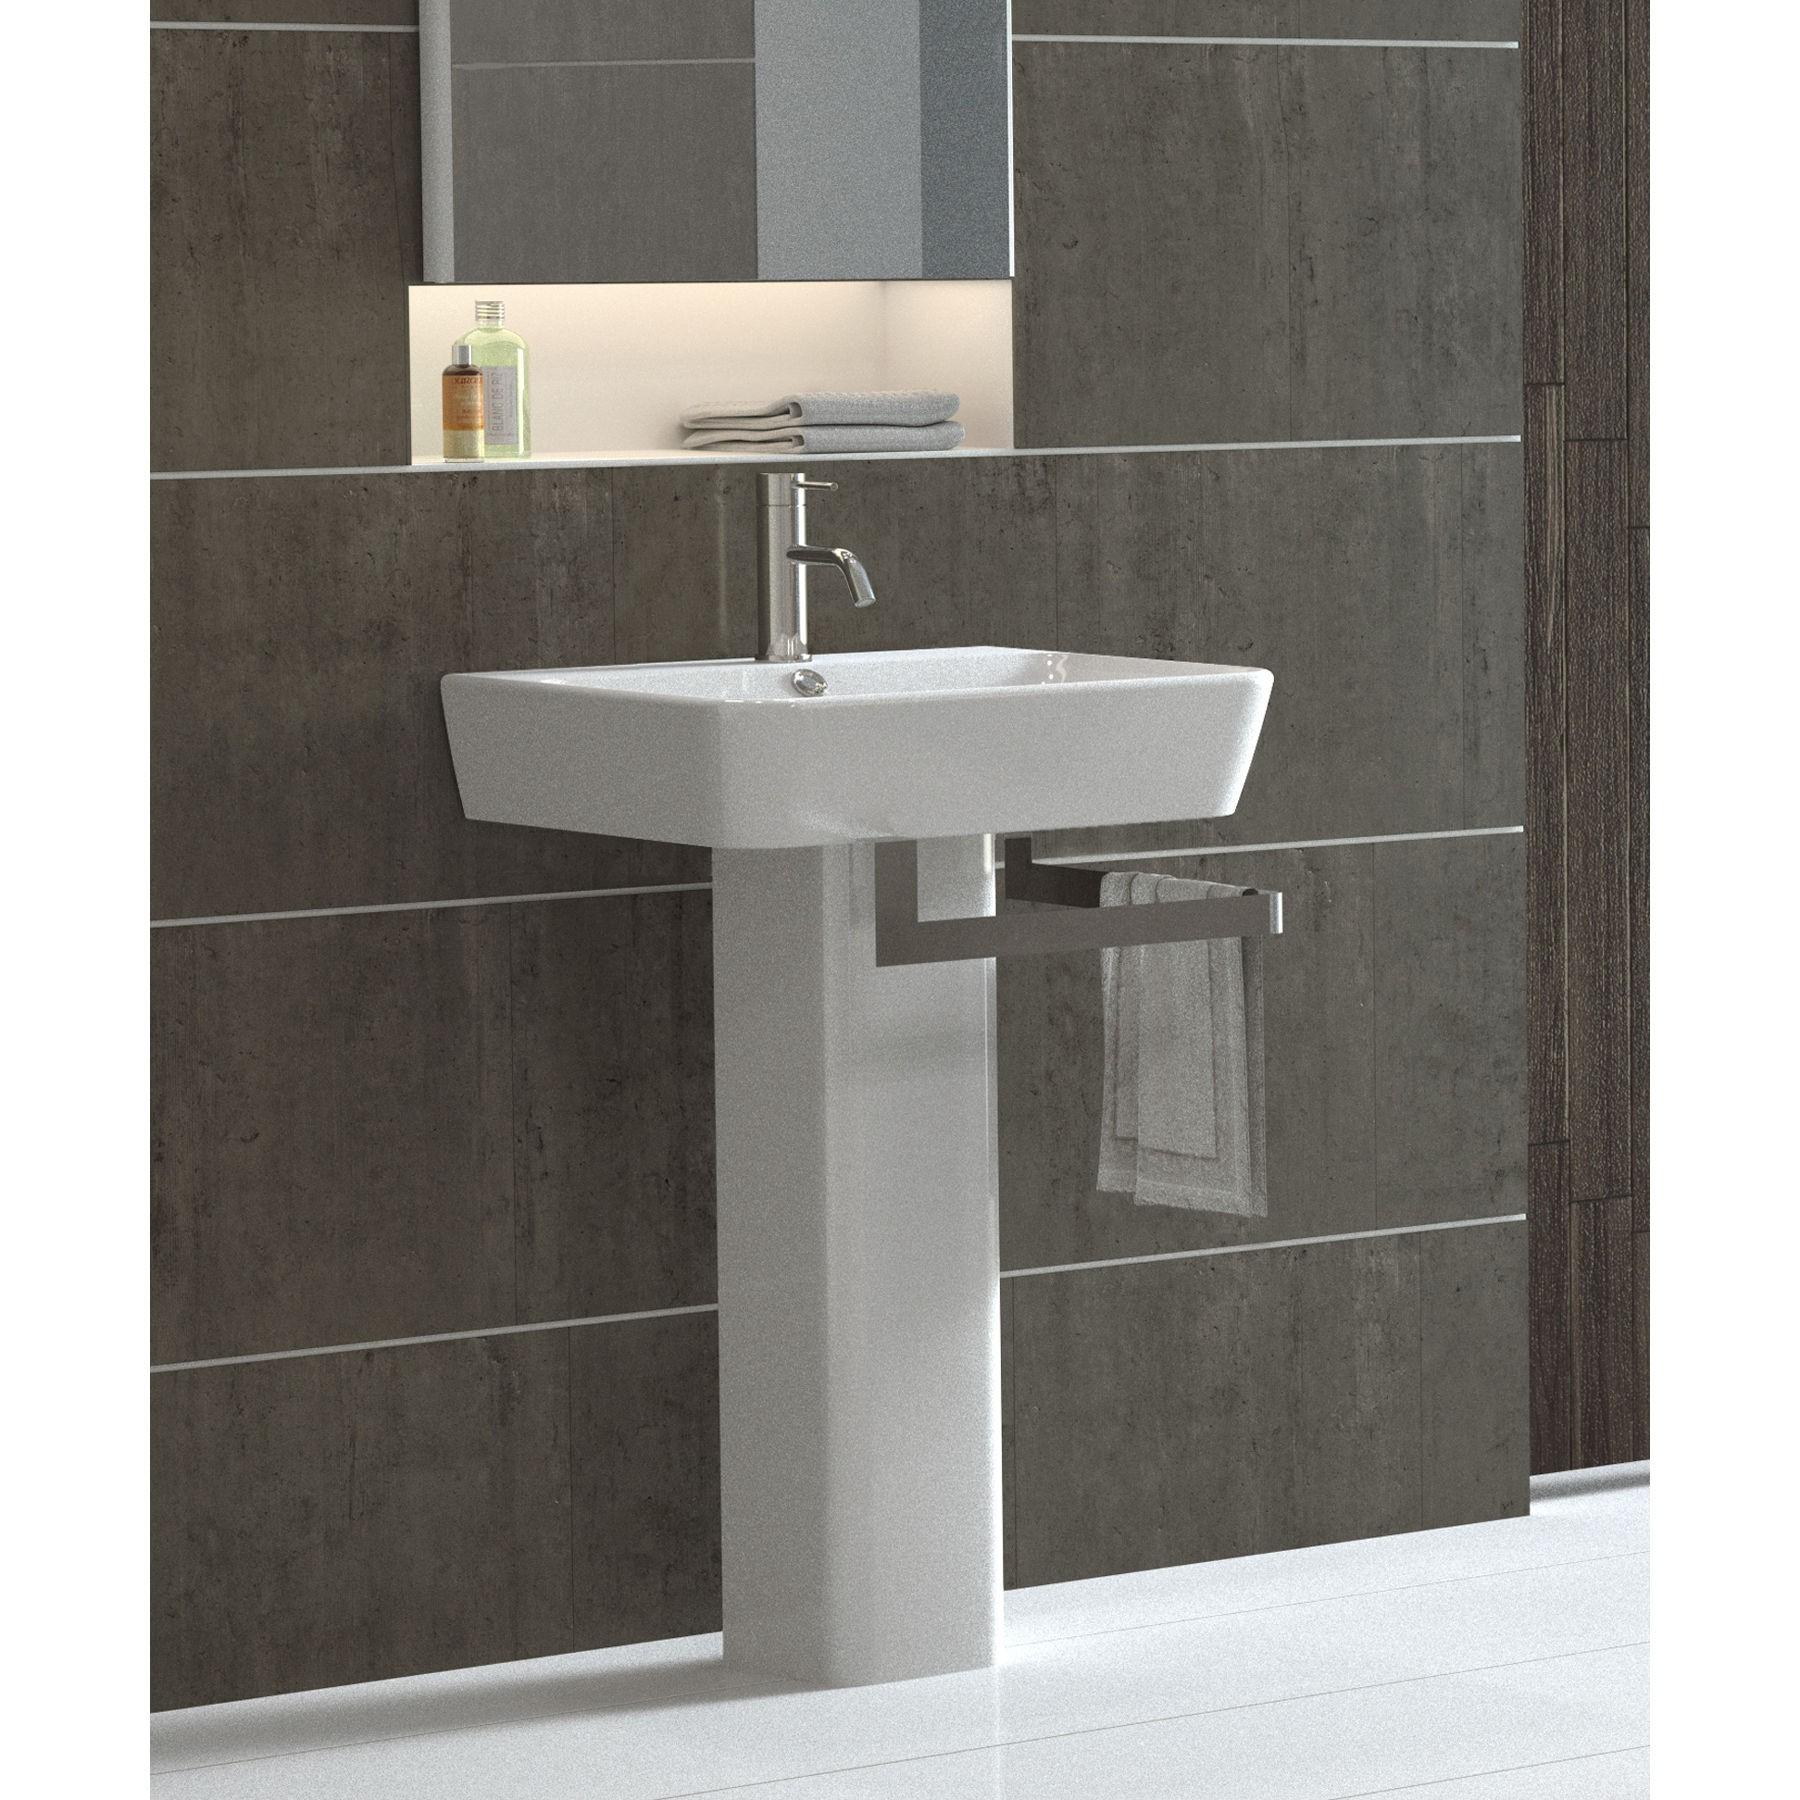 Commercial Kitchen Pedestal Sink Cabinet